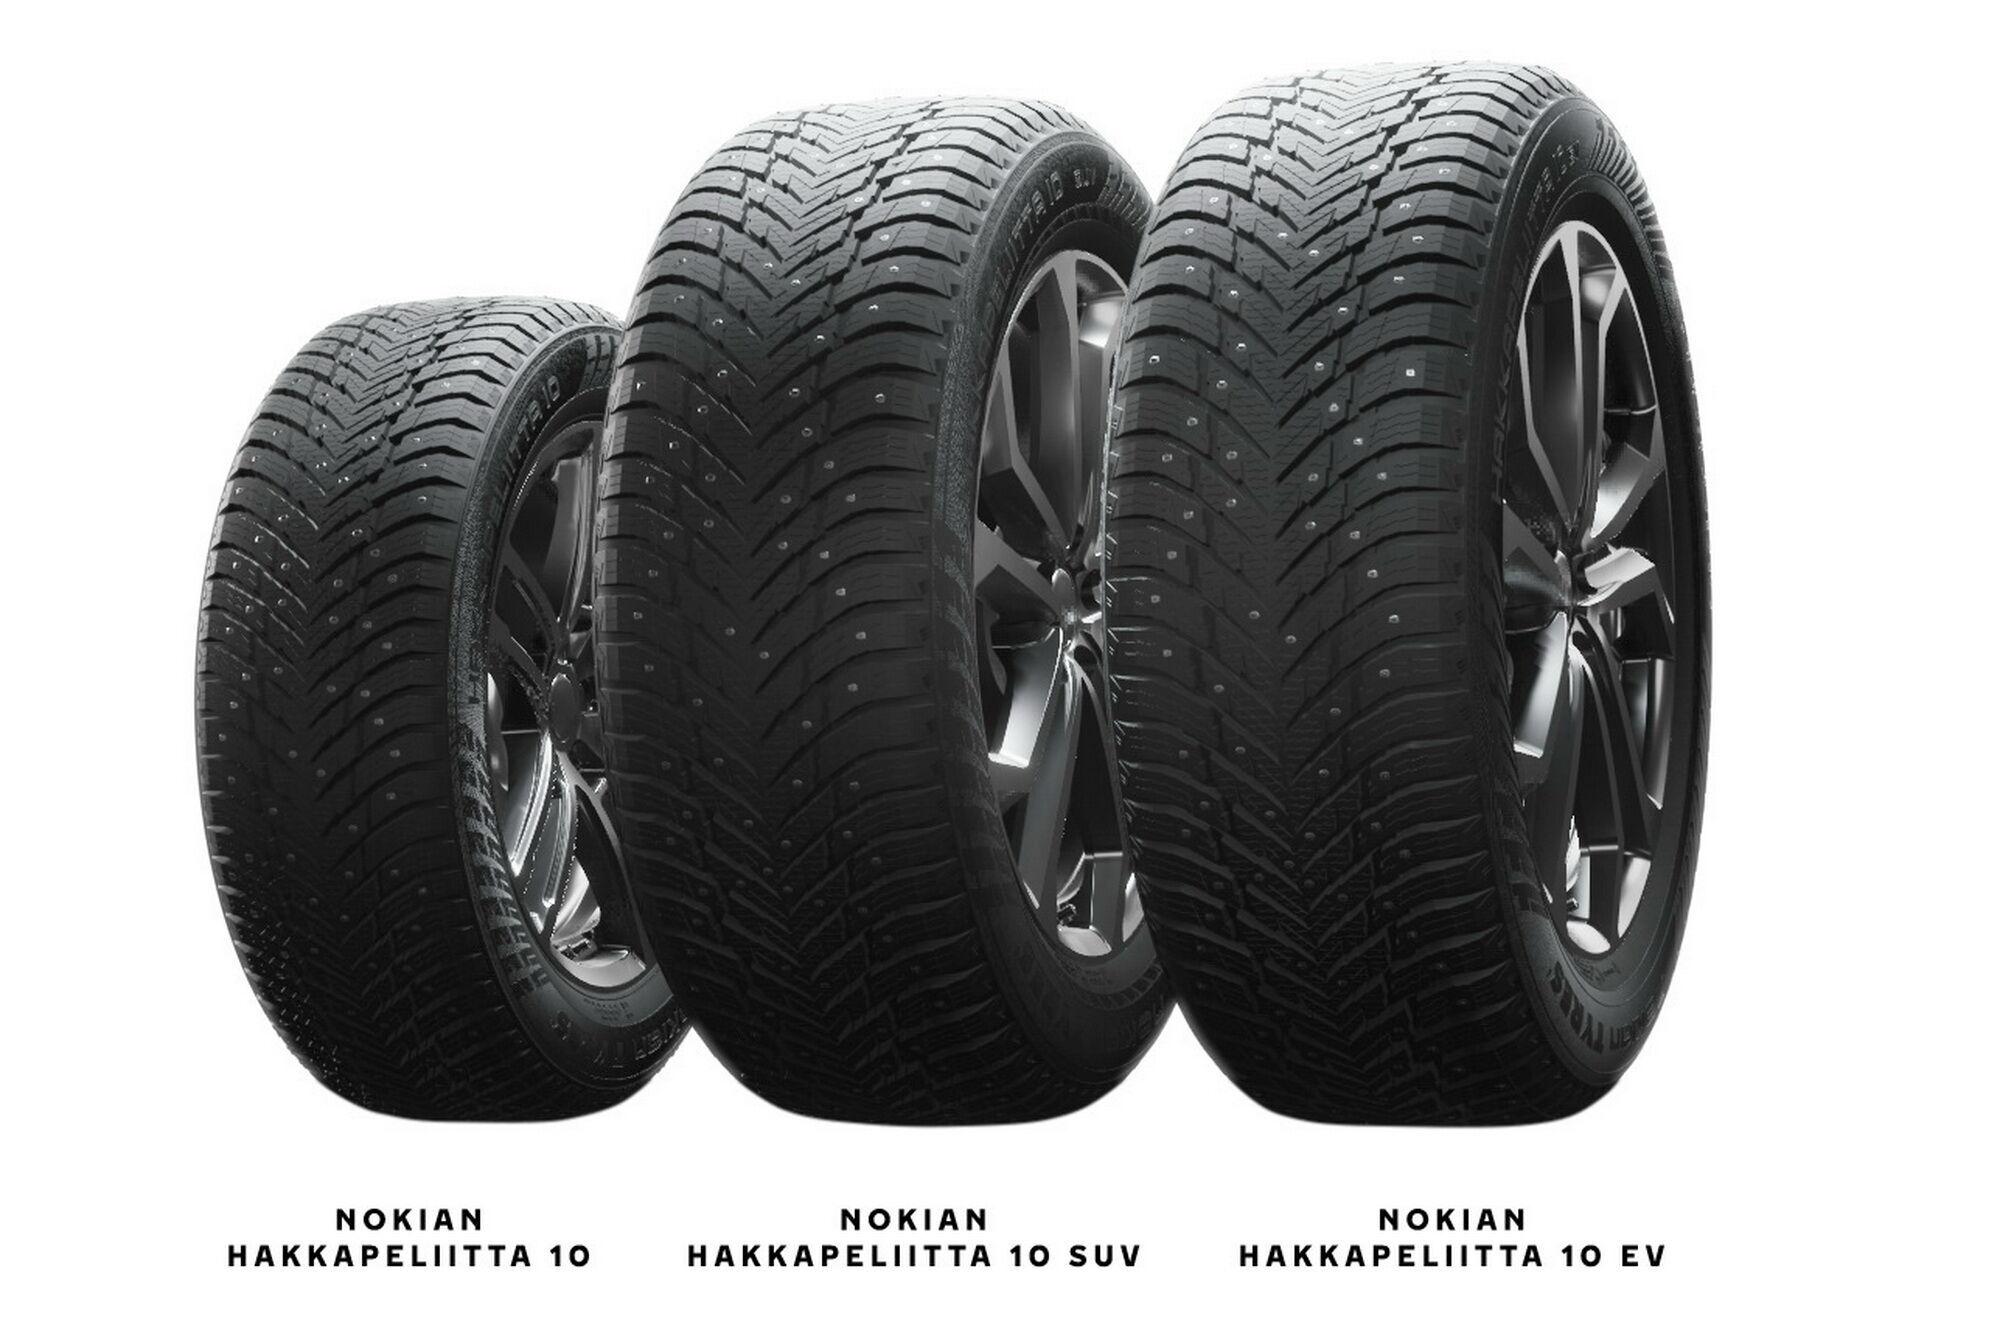 Сімейство шин Nokian Hakkapeliitta 10 презентовано трьома моделями